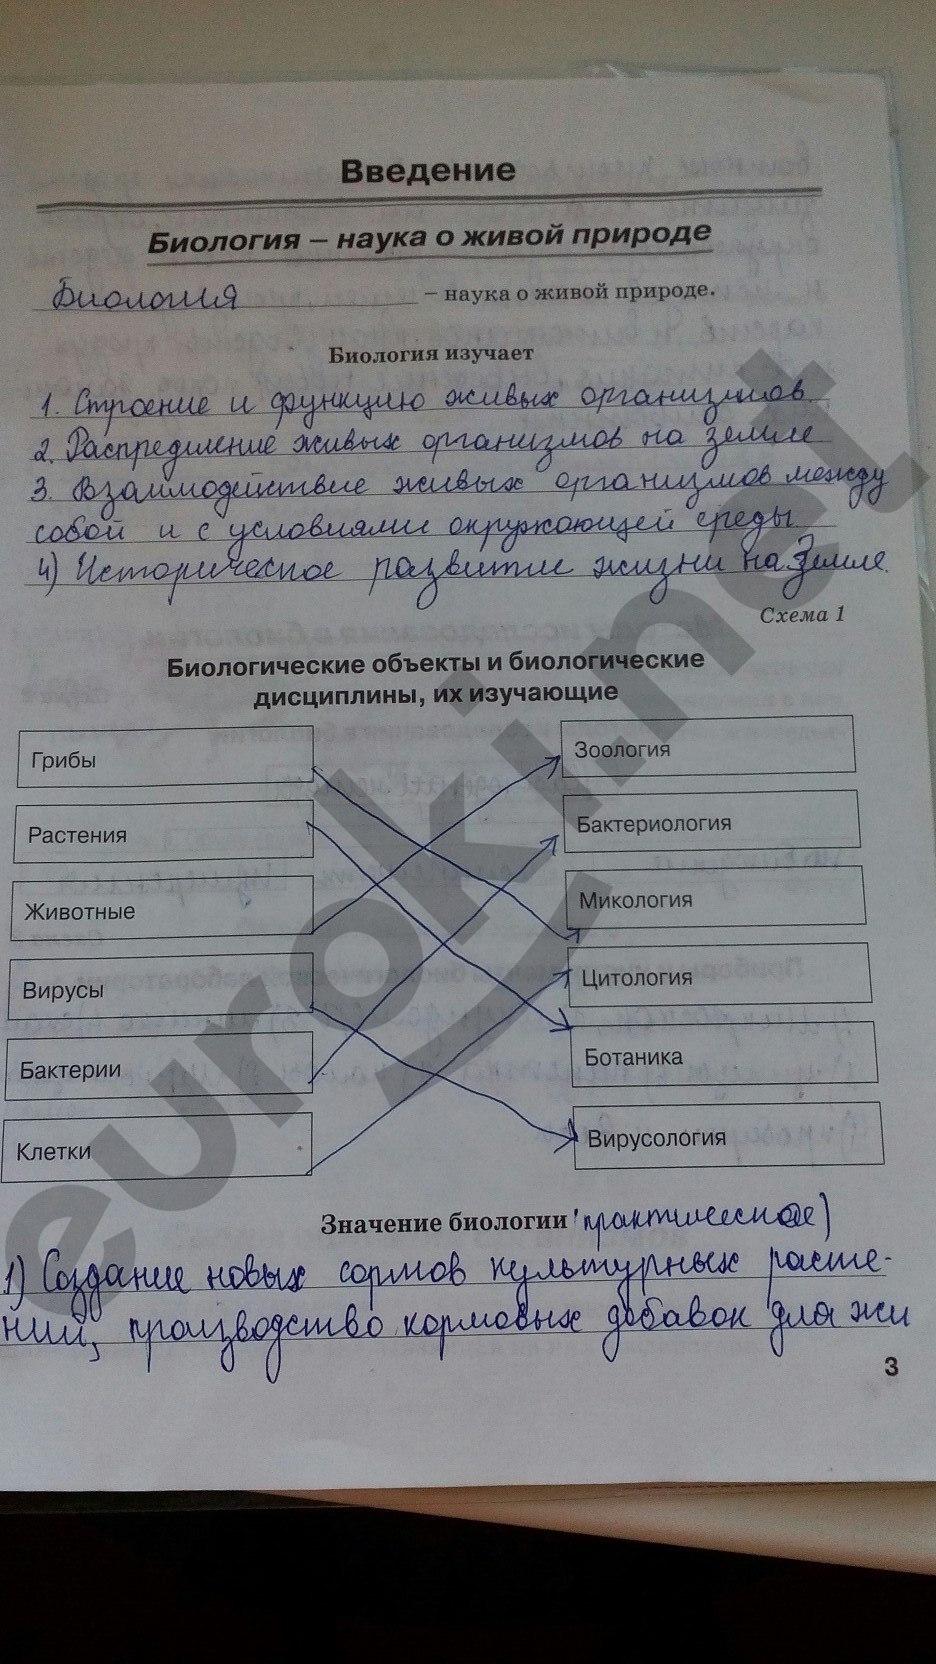 ГДЗ по биологии 5 класс рабочая тетрадь Бодрова. Задание: стр. 3